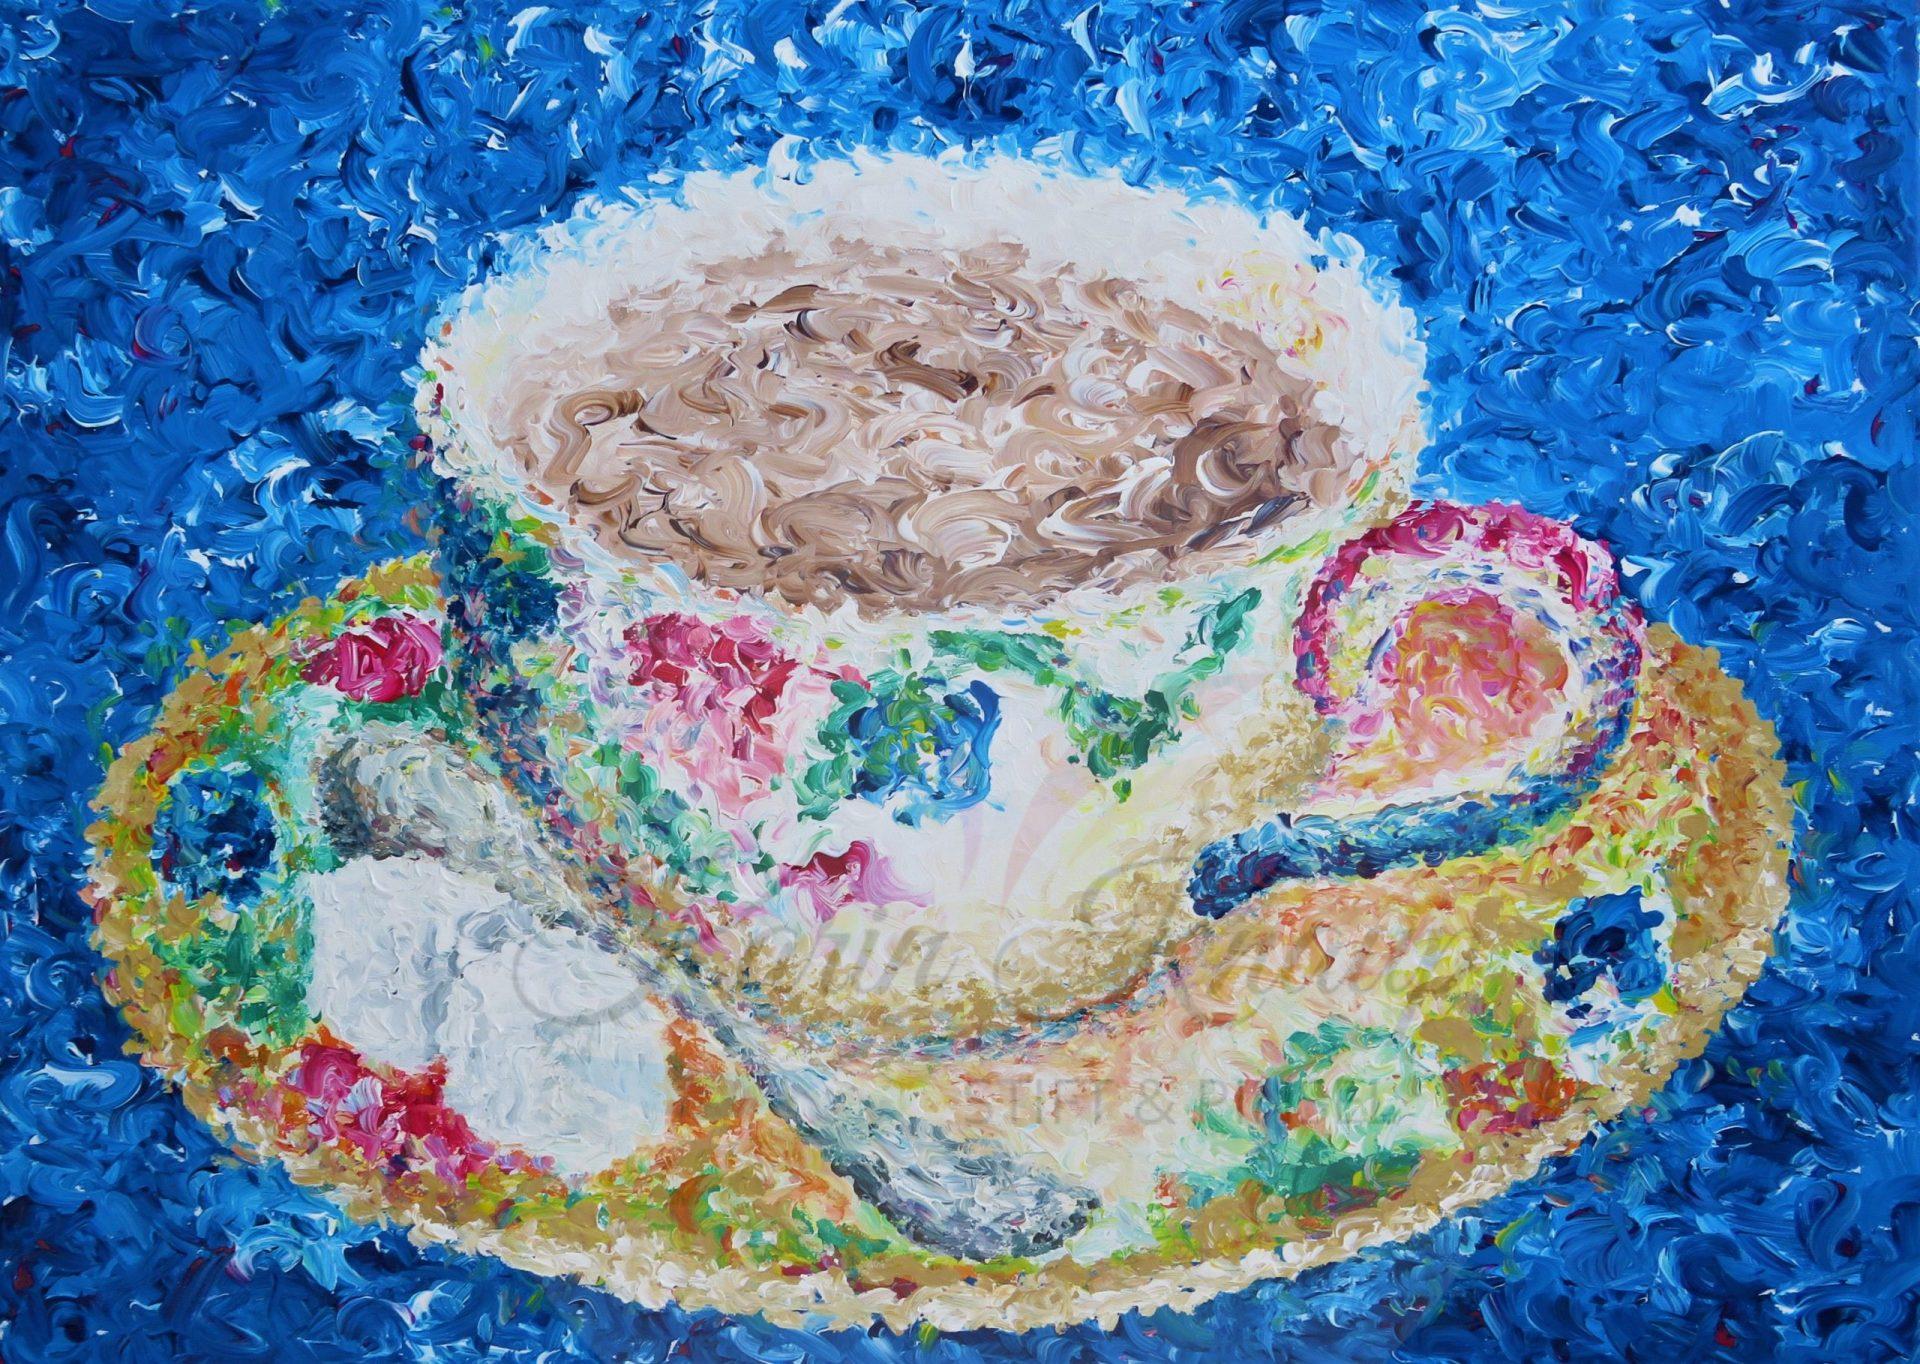 Tasse mit Kakao, Acryl auf Leinwand, 60 x 70 cm